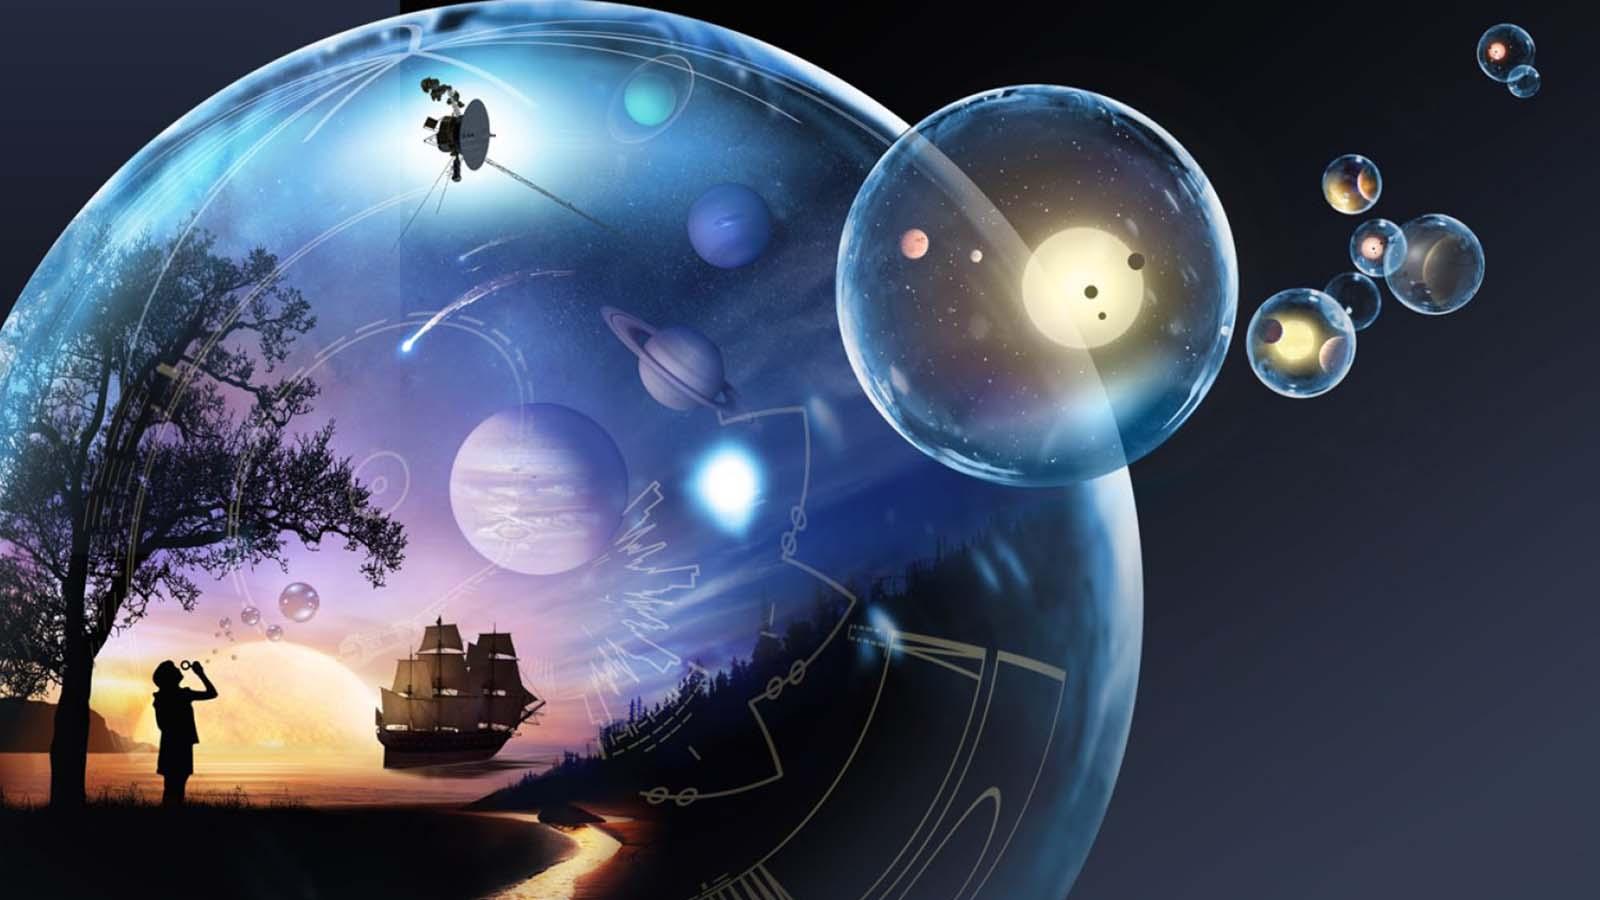 C3 Fundación sicomoro - Ciencia e imaginación en la búsqueda de vida extraterrestre